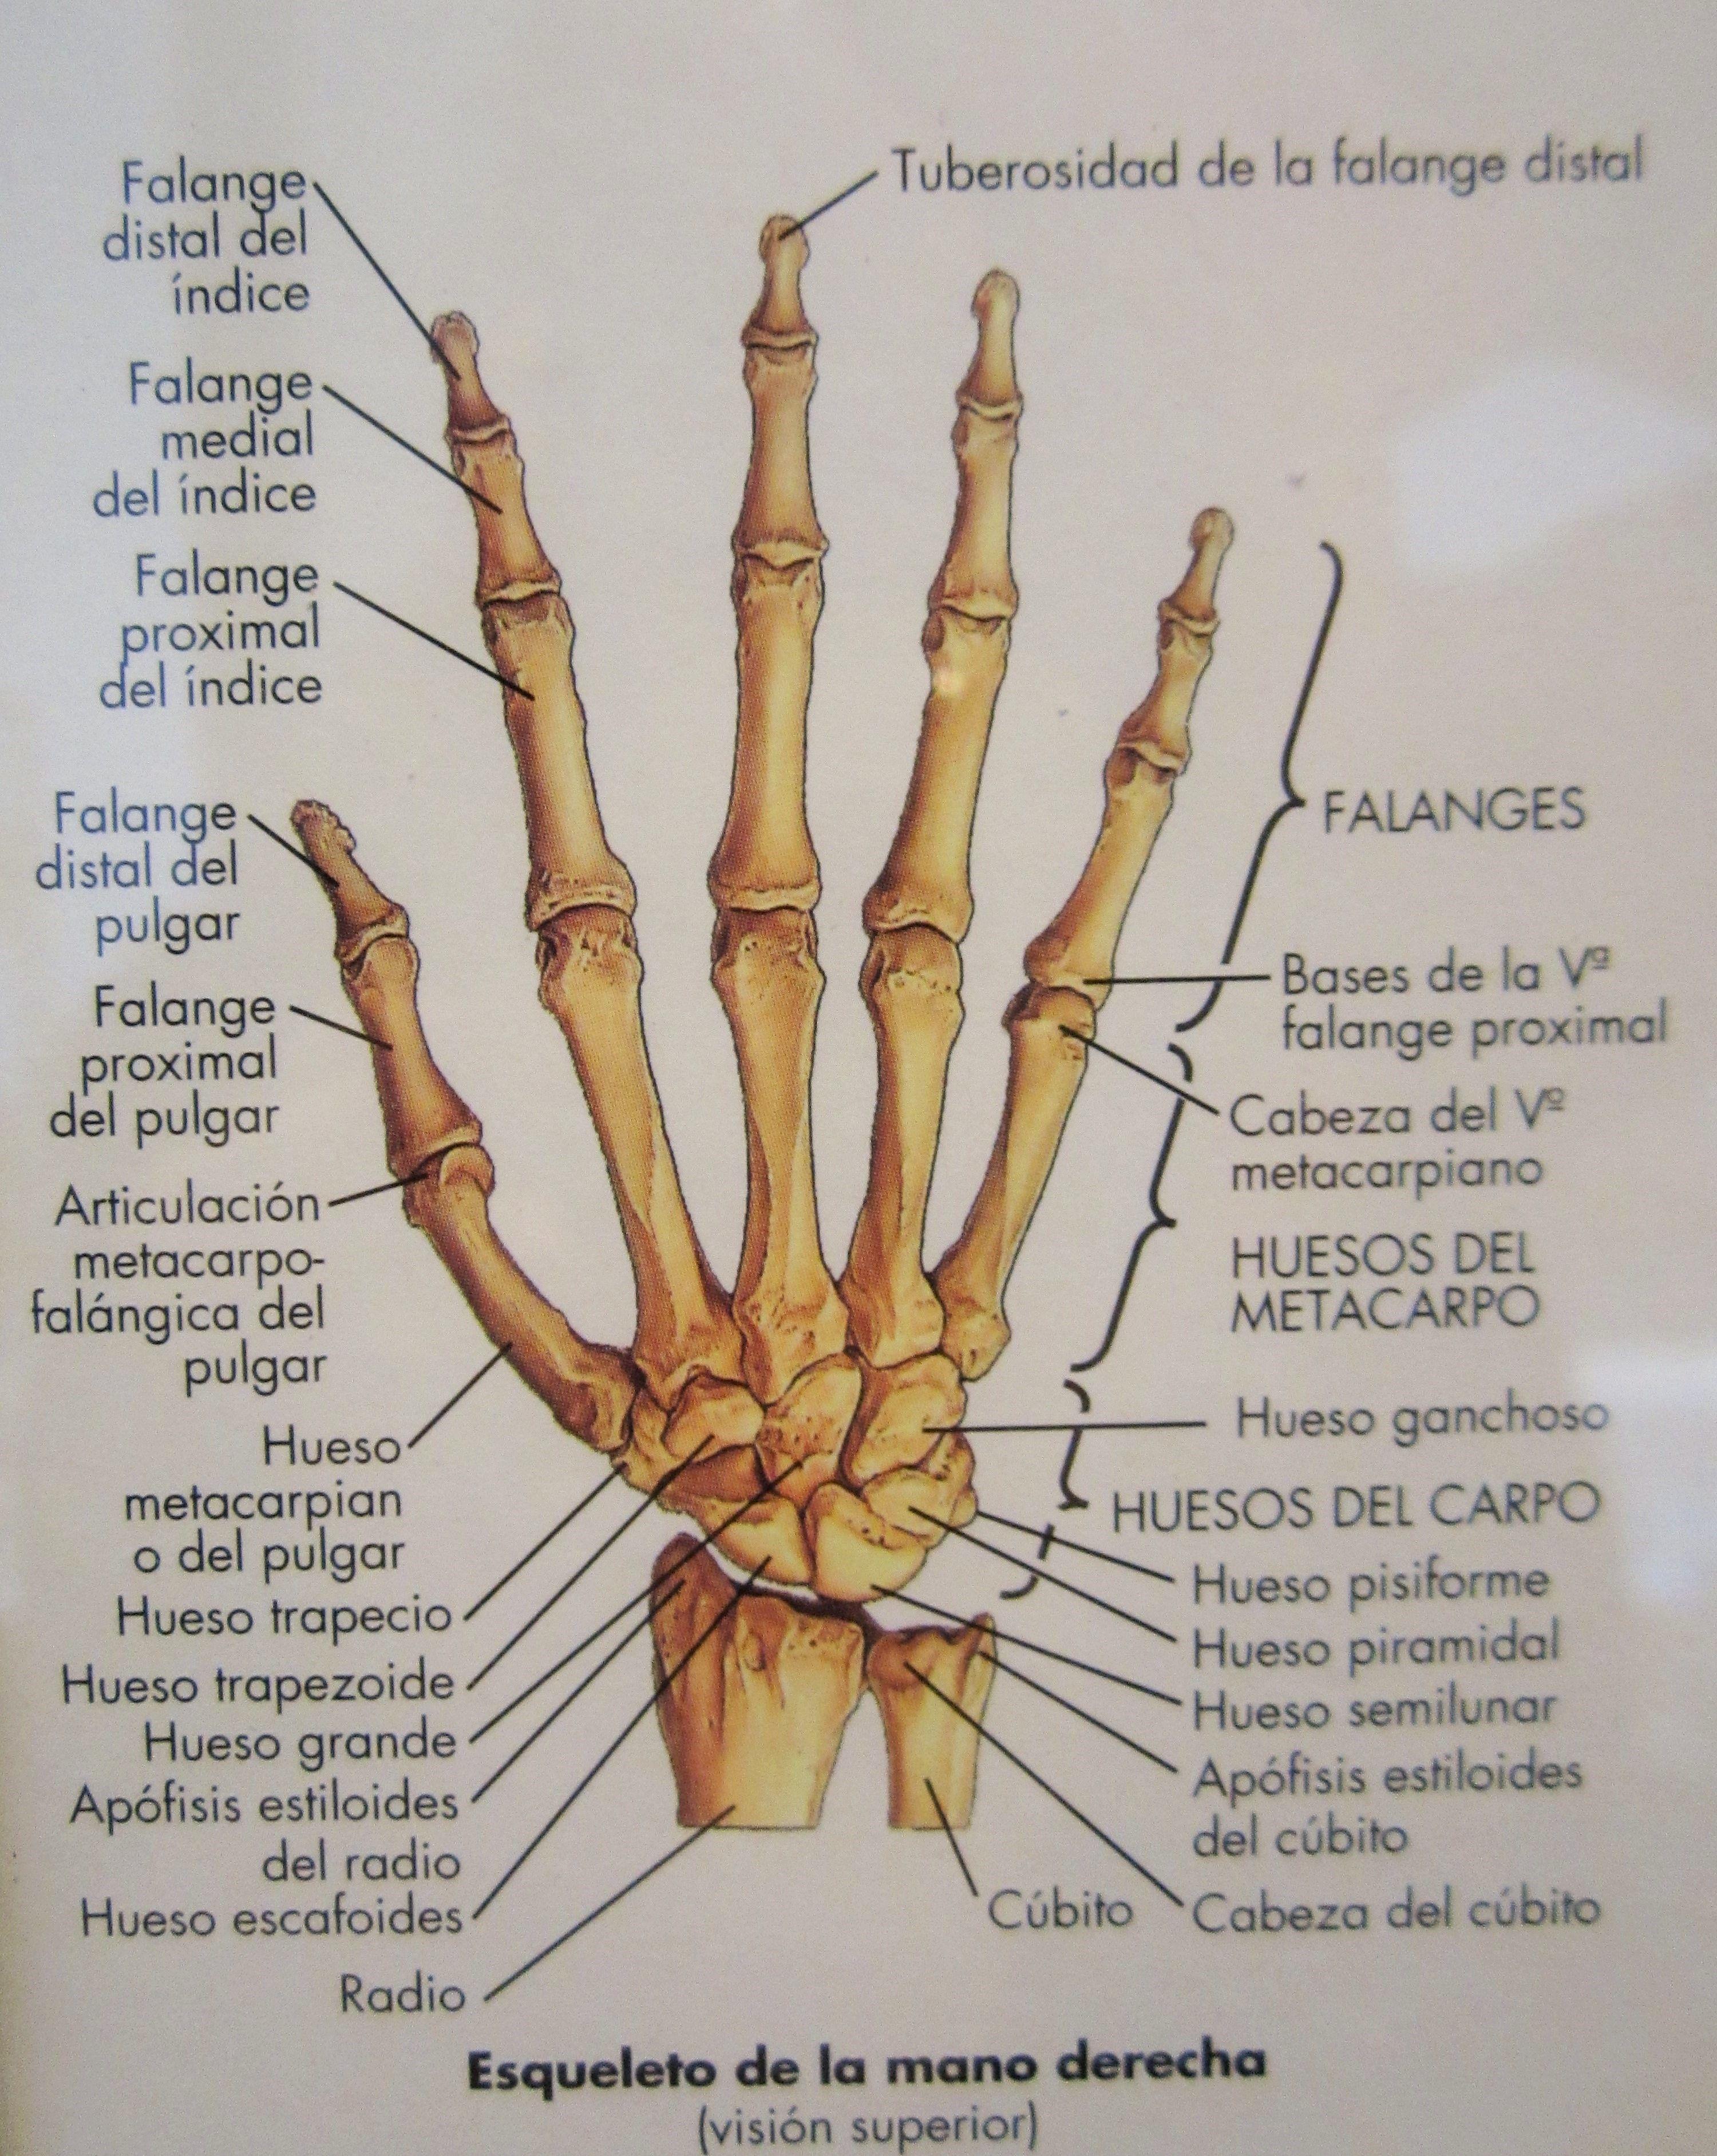 Esqueleto de la mano derecha (Visión superior) El esqueleto humano ...